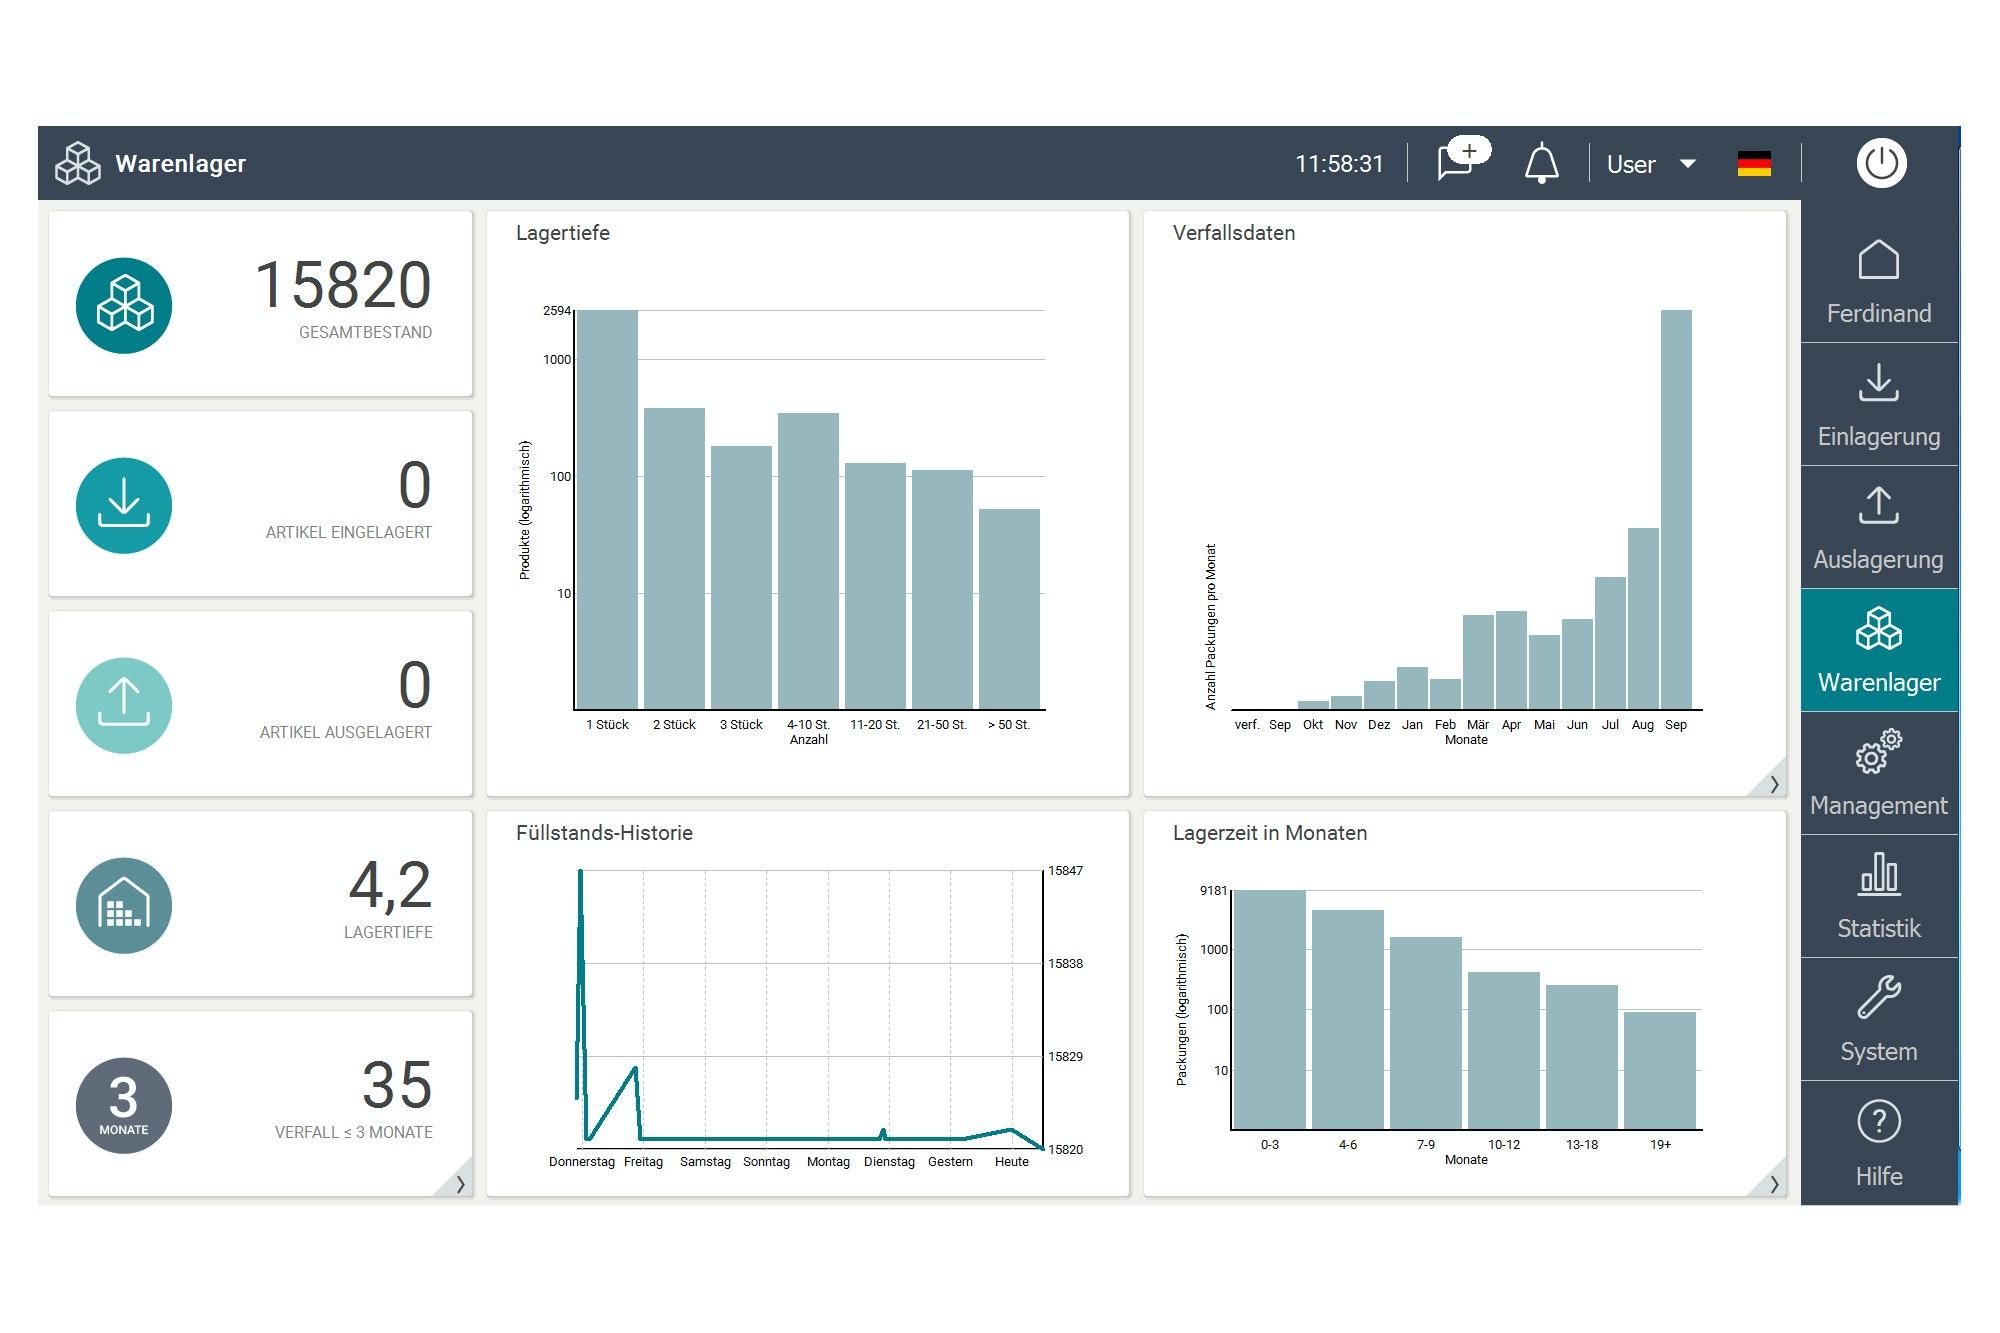 Apostore Screen Software Digitale Loesungen dash Board Statistik Analyse Verfallsdatenkontrolle Uebersicht Warenlager